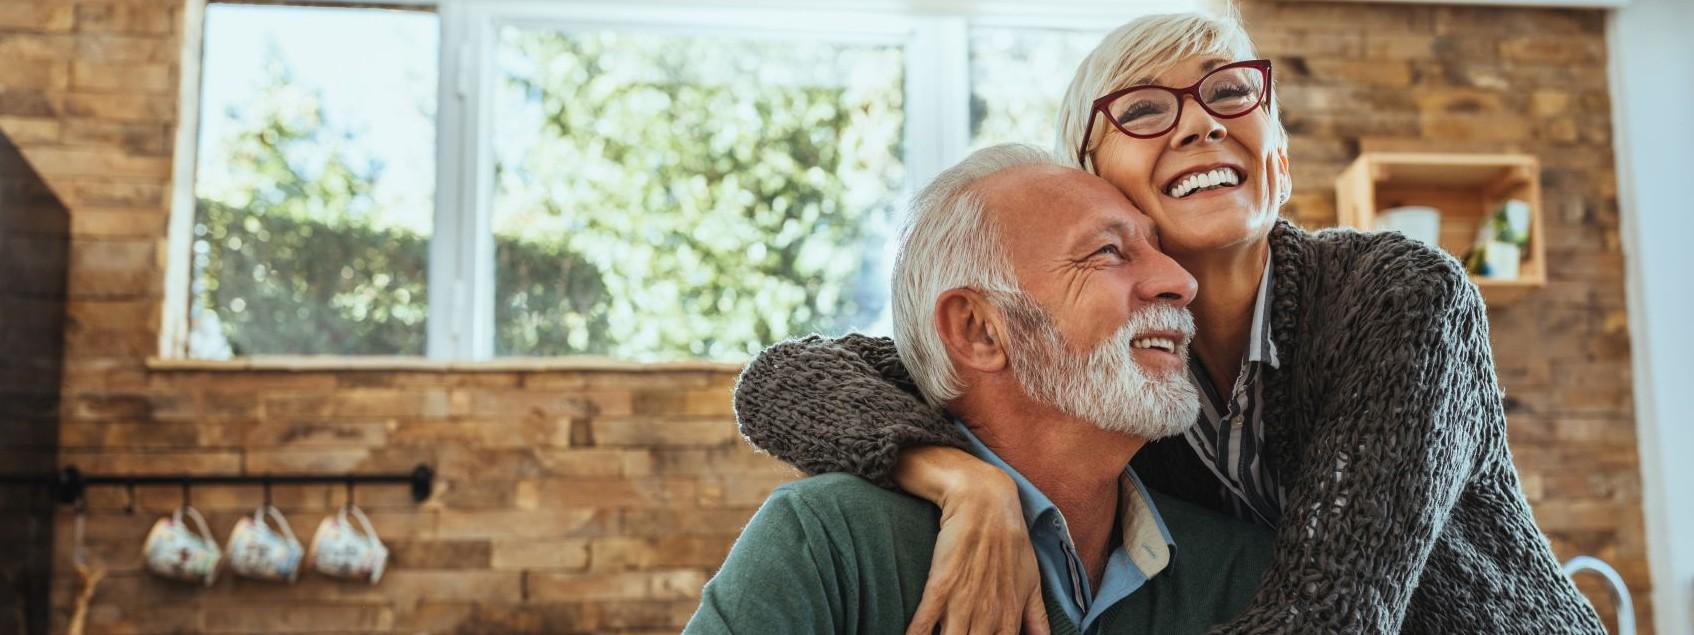 Ein Seniorenpaar sitzt an einem Tisch in der Küche. Die Frau umarmt ihren Mann von der Seite. Beide lachen ausgiebig.